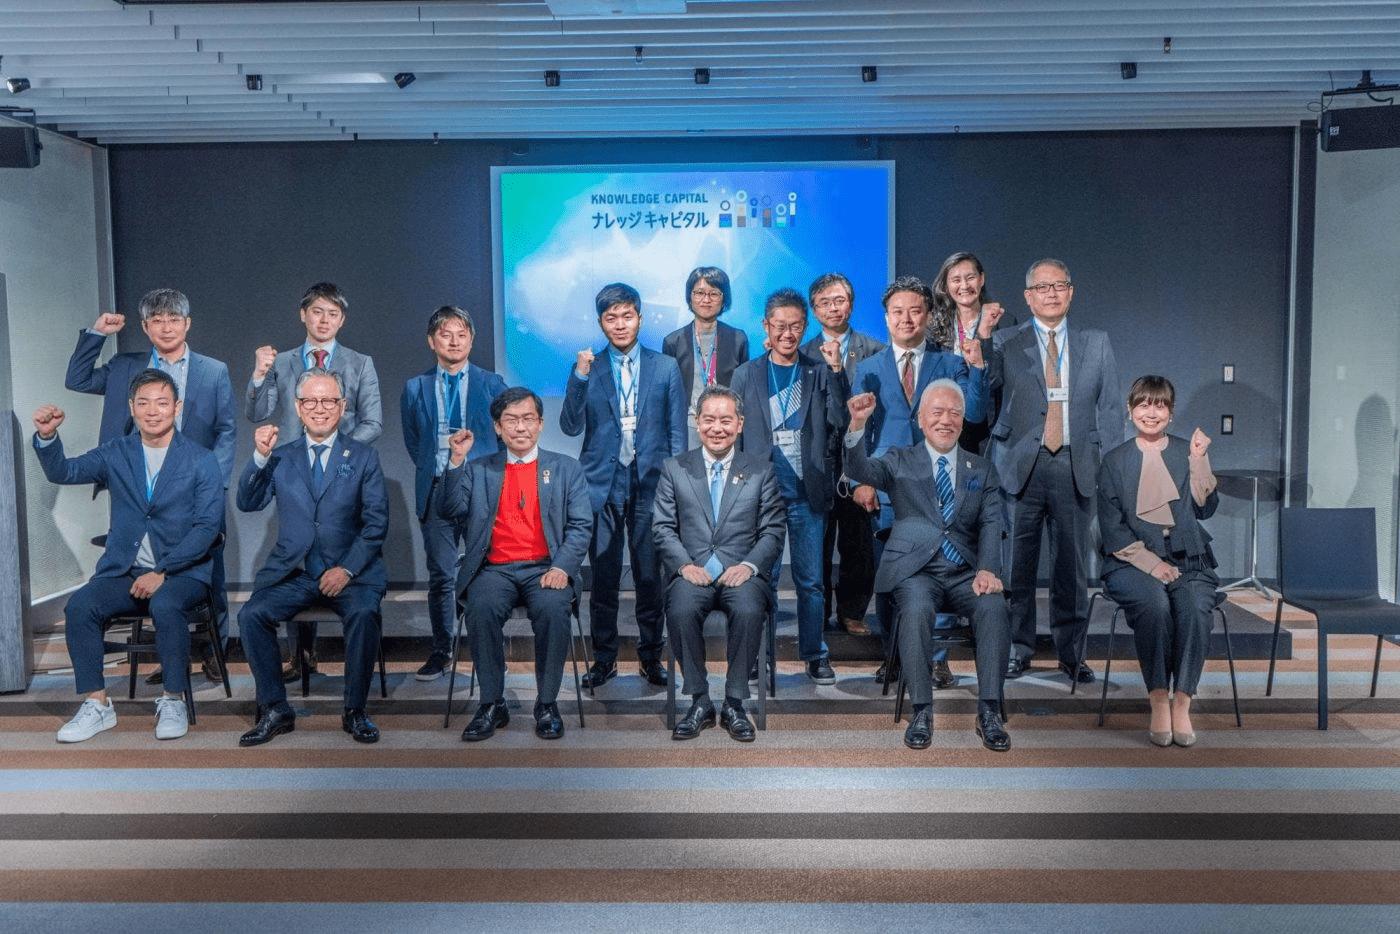 井上内閣府特命担当大臣、関西のスタートアップと意見交換(リリース日:2020/12/11)